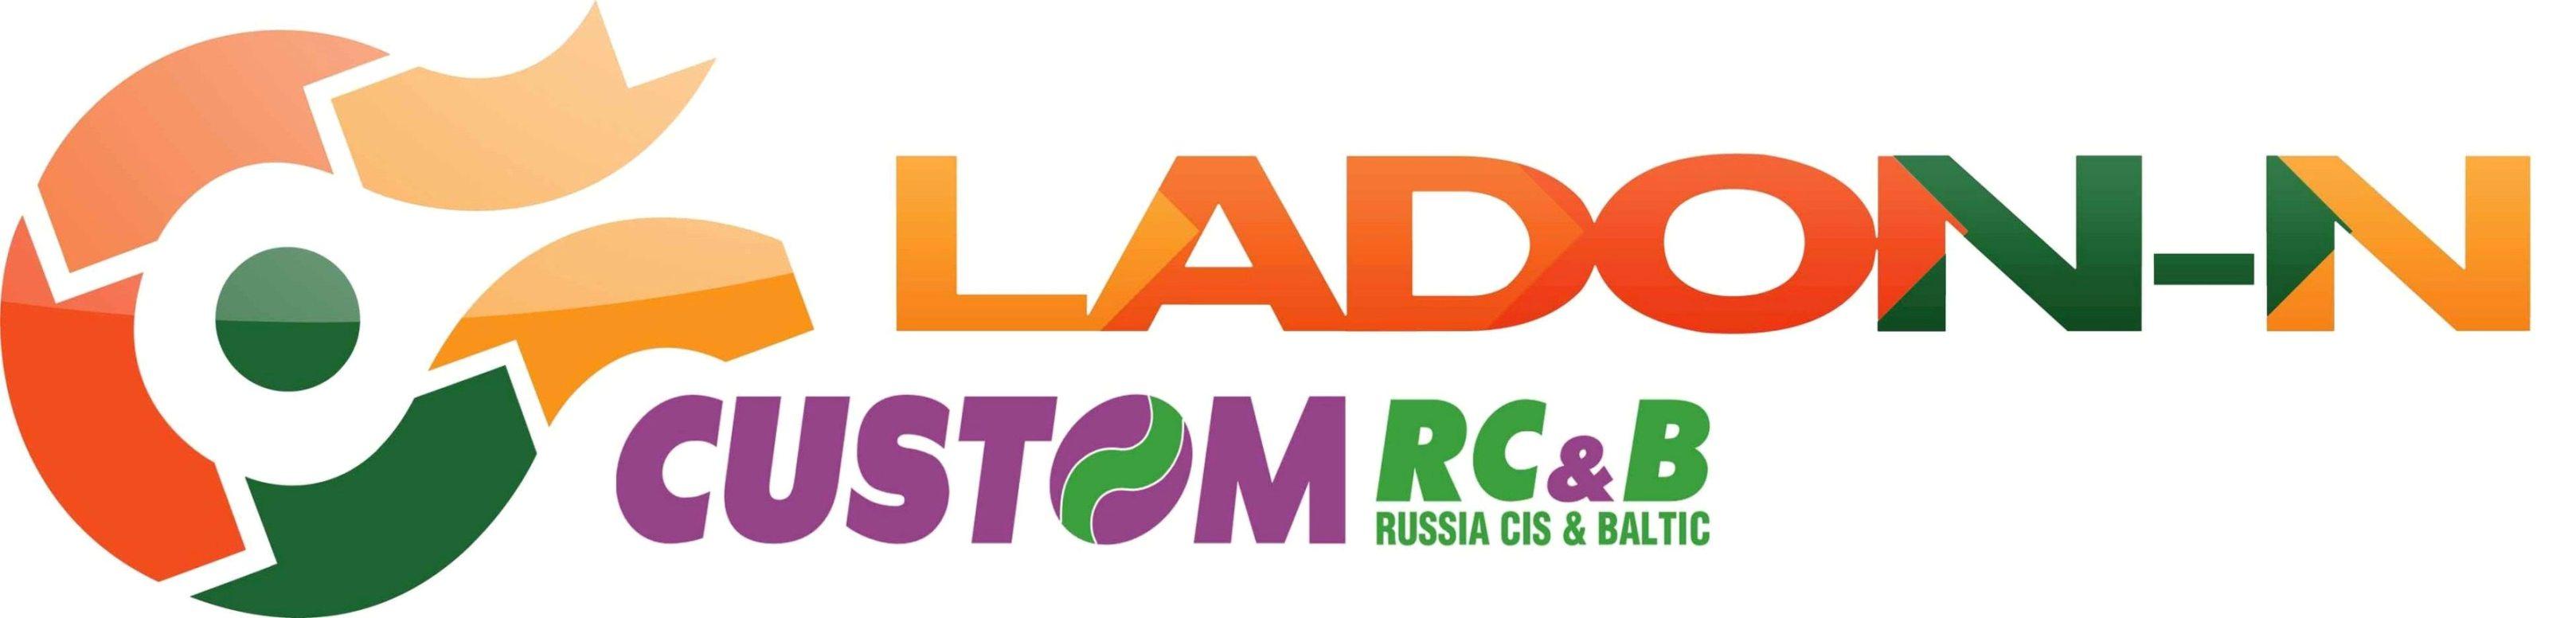 Логотип Ладон-Н/Custom RC&B